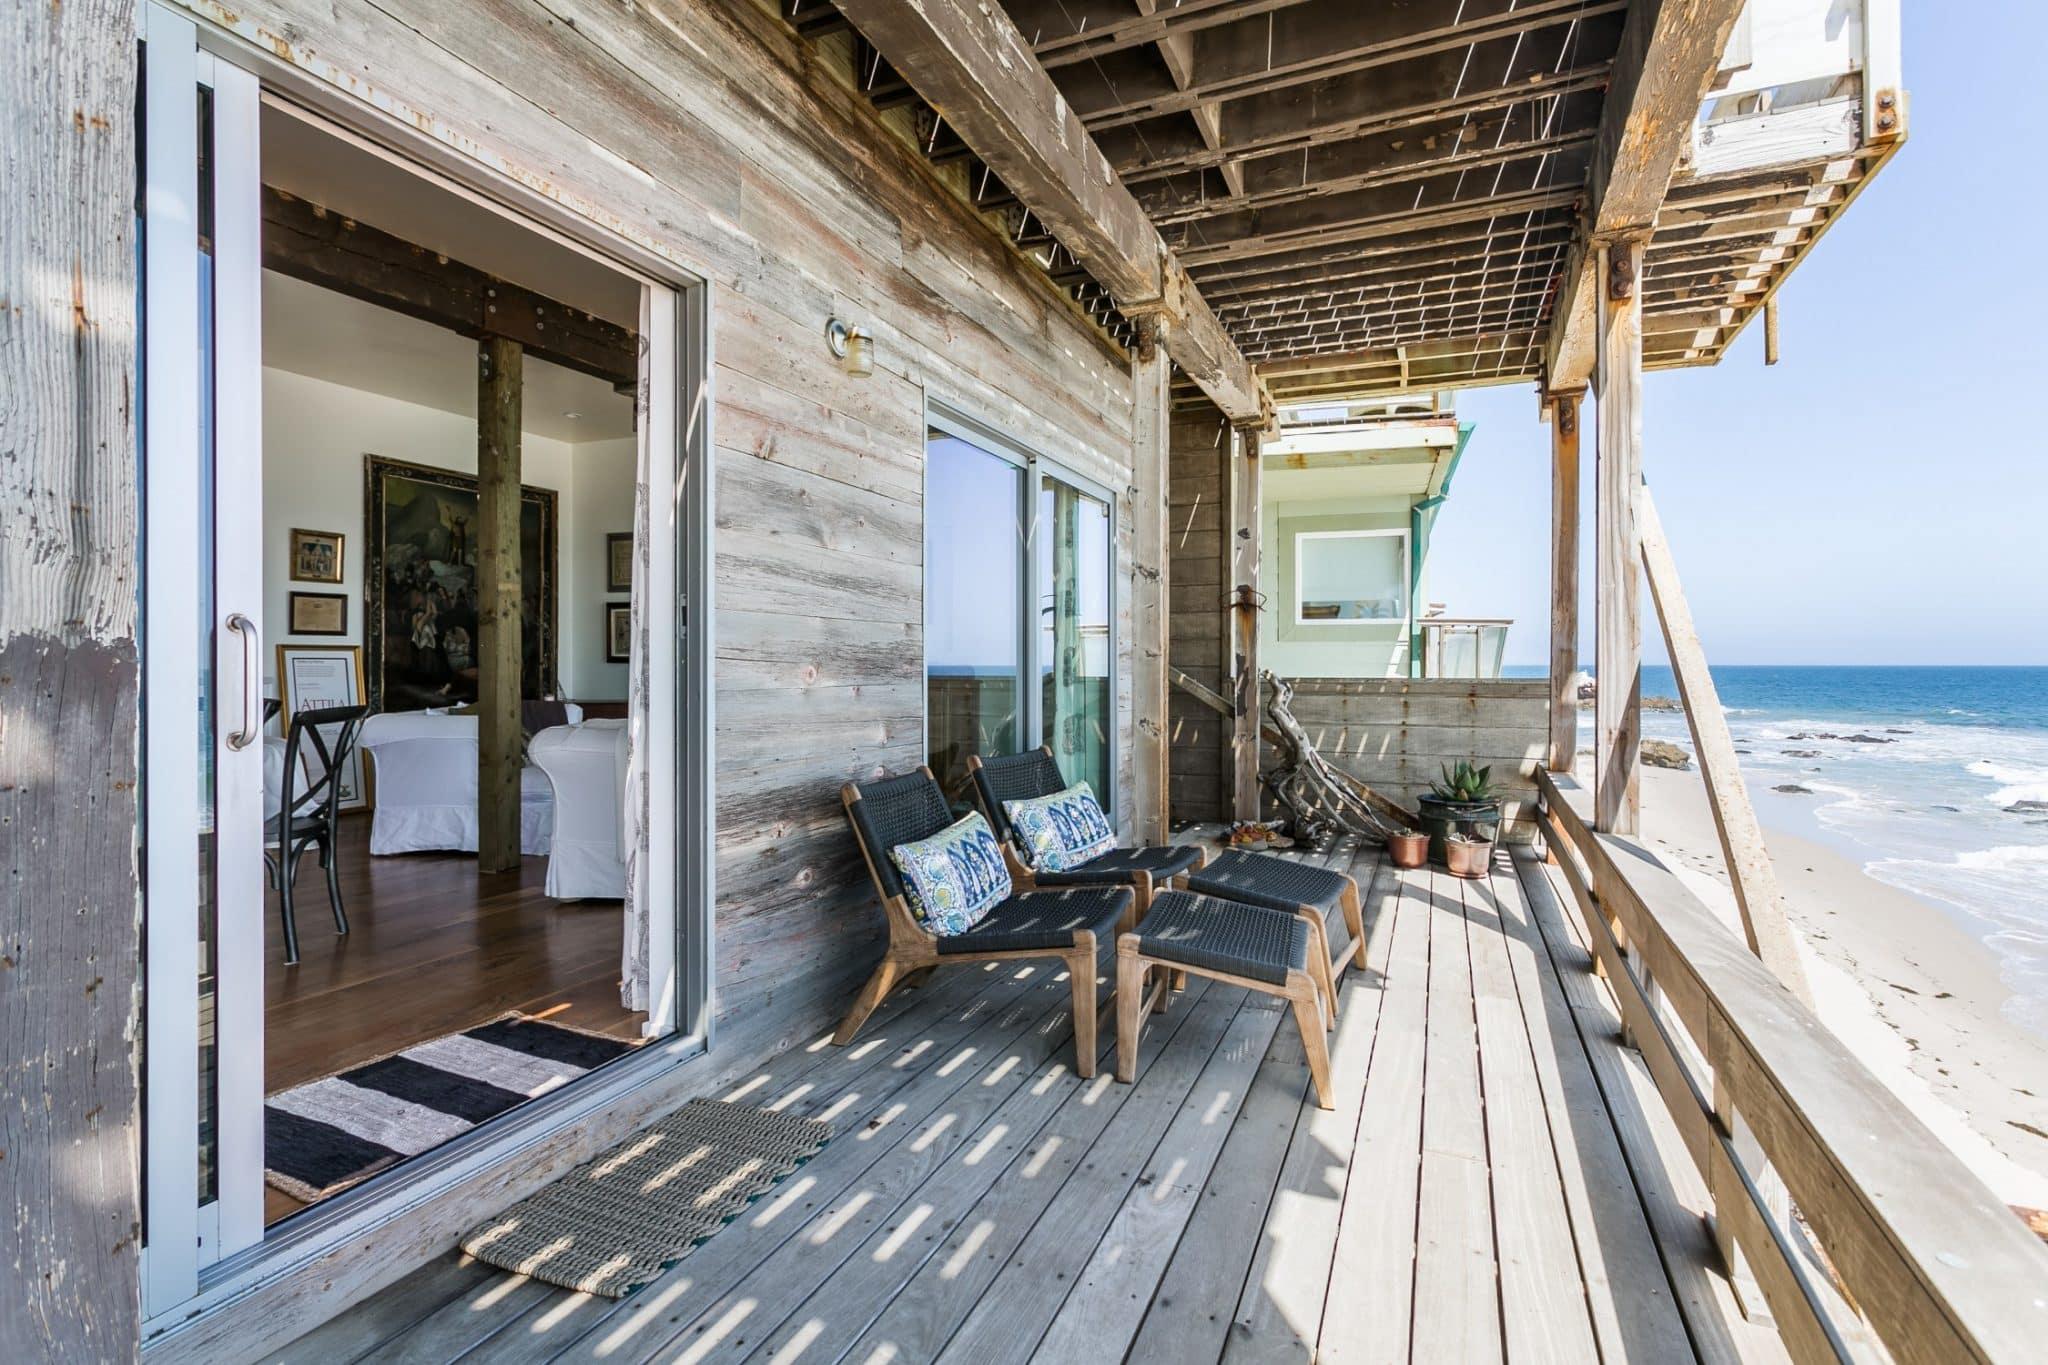 Les meilleurs Airbnb à Los Angeles